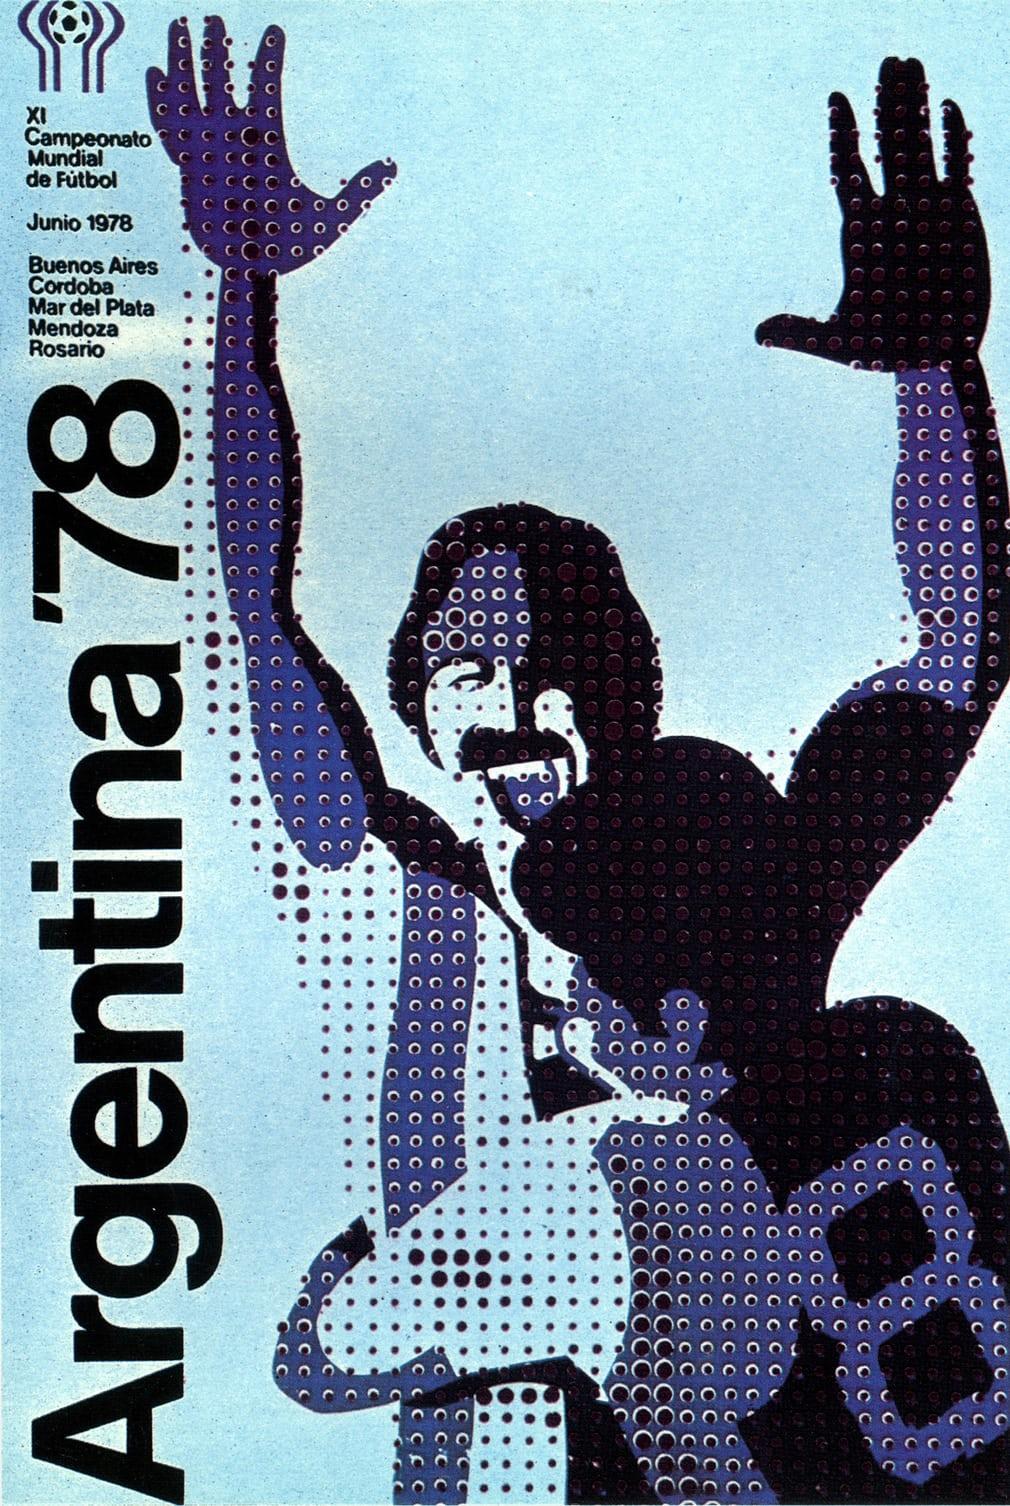 Αργεντινή 1978. Καθώς τα χρόνια περνούν, τα σχέδια γίνονται πιο περίτεχνα και καλαίσθητα. Οπως αυτό για το Μουντιάλ της Αργεντινής